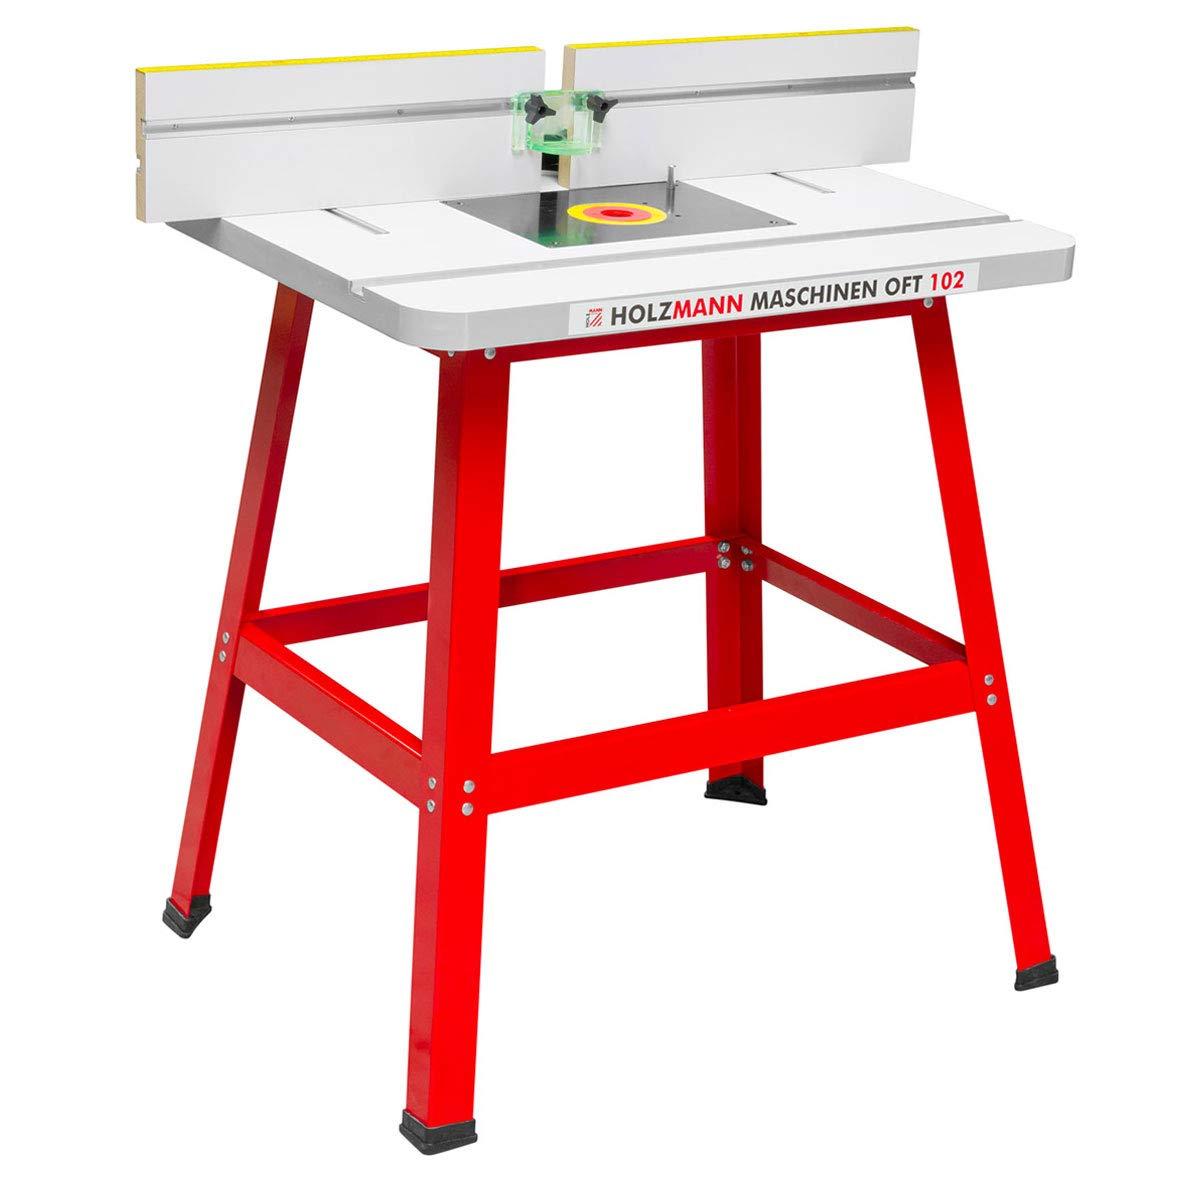 Fresadora de mesa profesional de Holzmann para fresadora rebajadora de mesa. OFT 102.